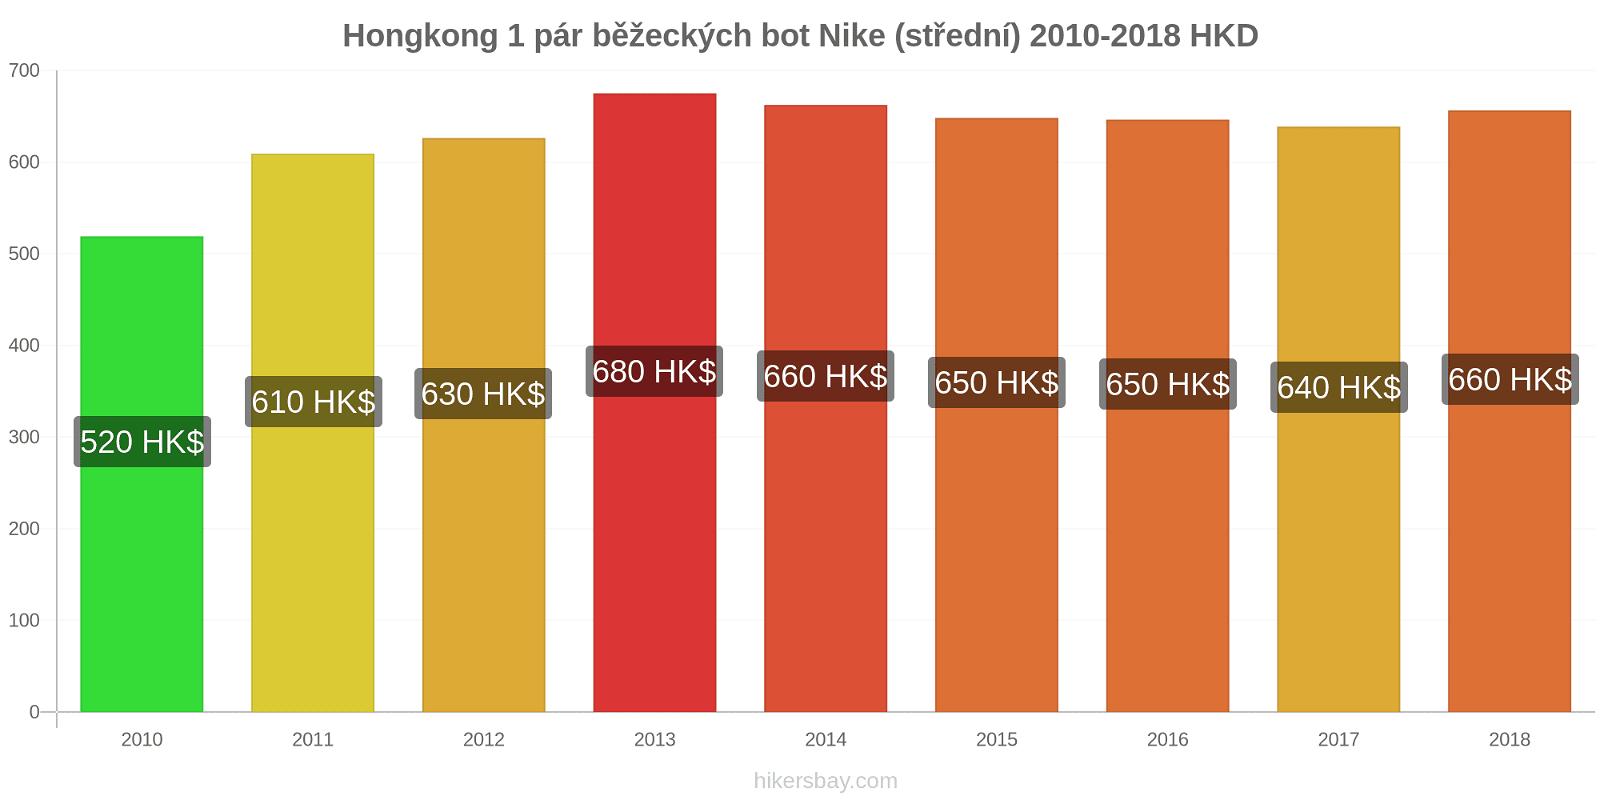 Hongkong změny cen 1 pár běžeckých bot Nike (střední) hikersbay.com